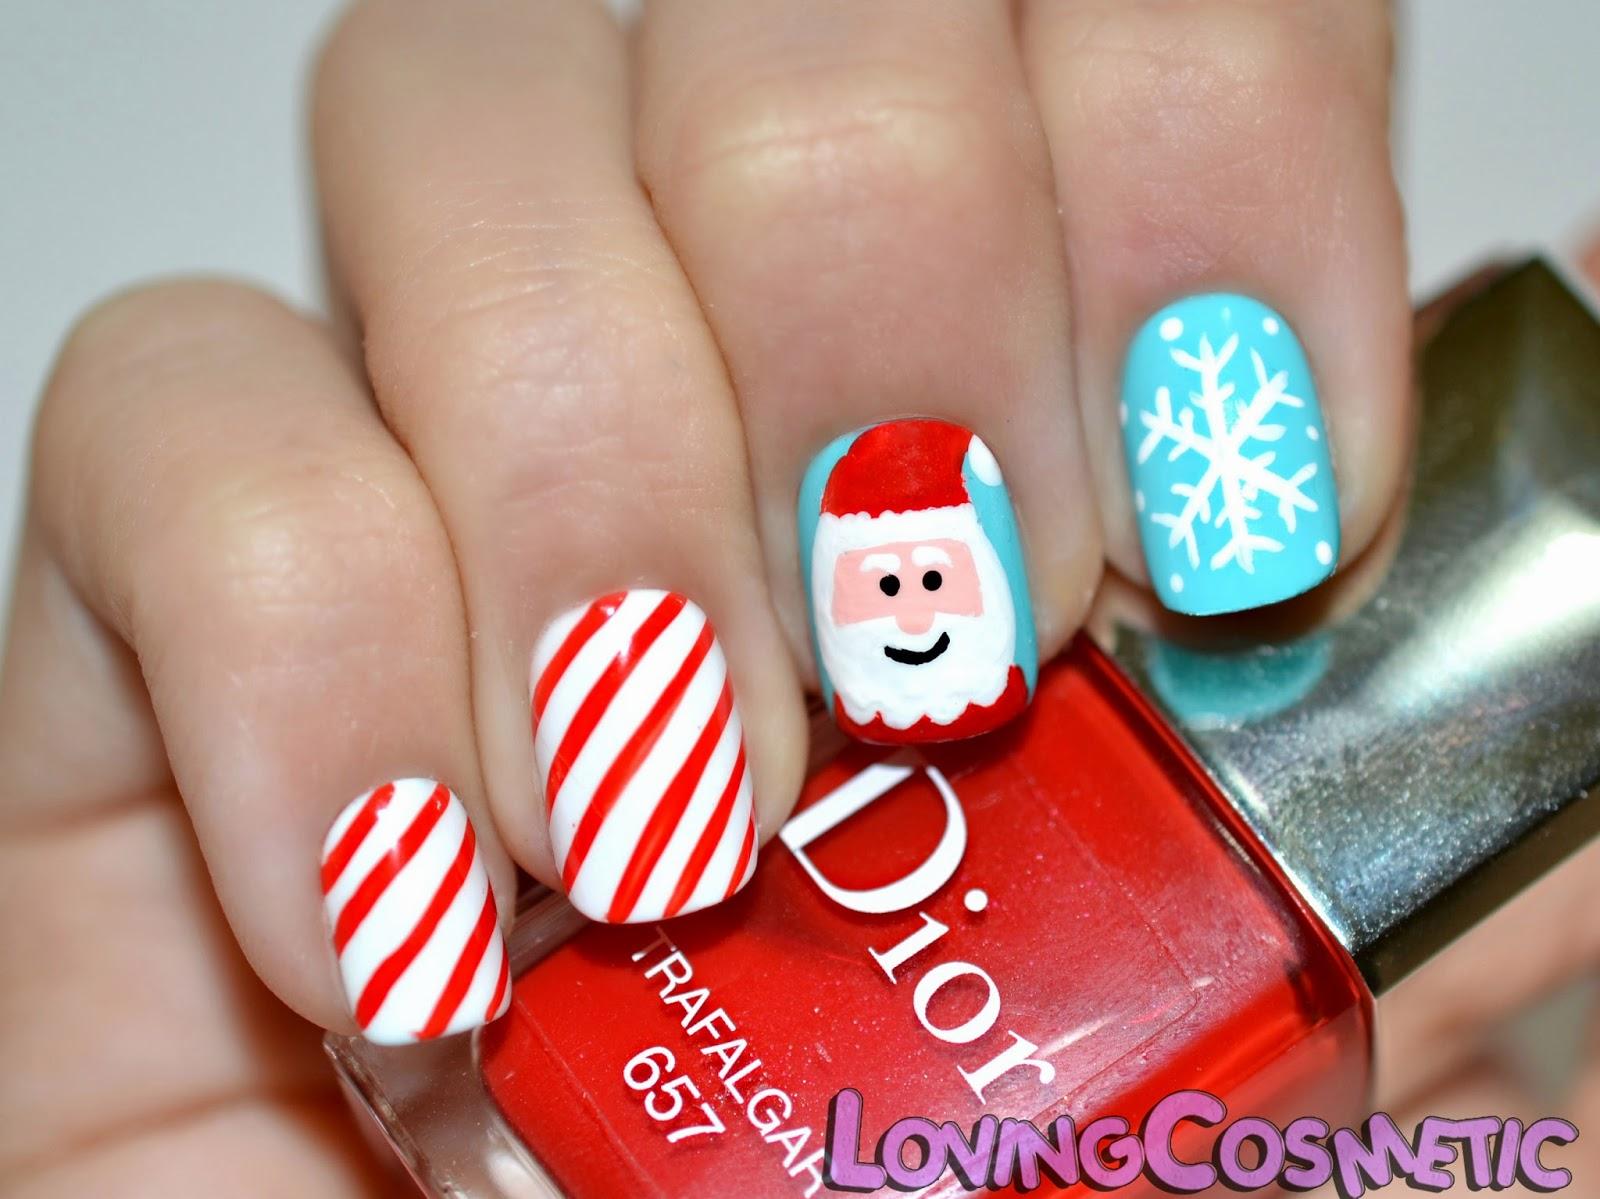 Papa noel Santa Claus rojo navidad 2014 2013 rayas nieve copo snow winter invierno season holiday vacaciones rojo dior bourjois acrilicos